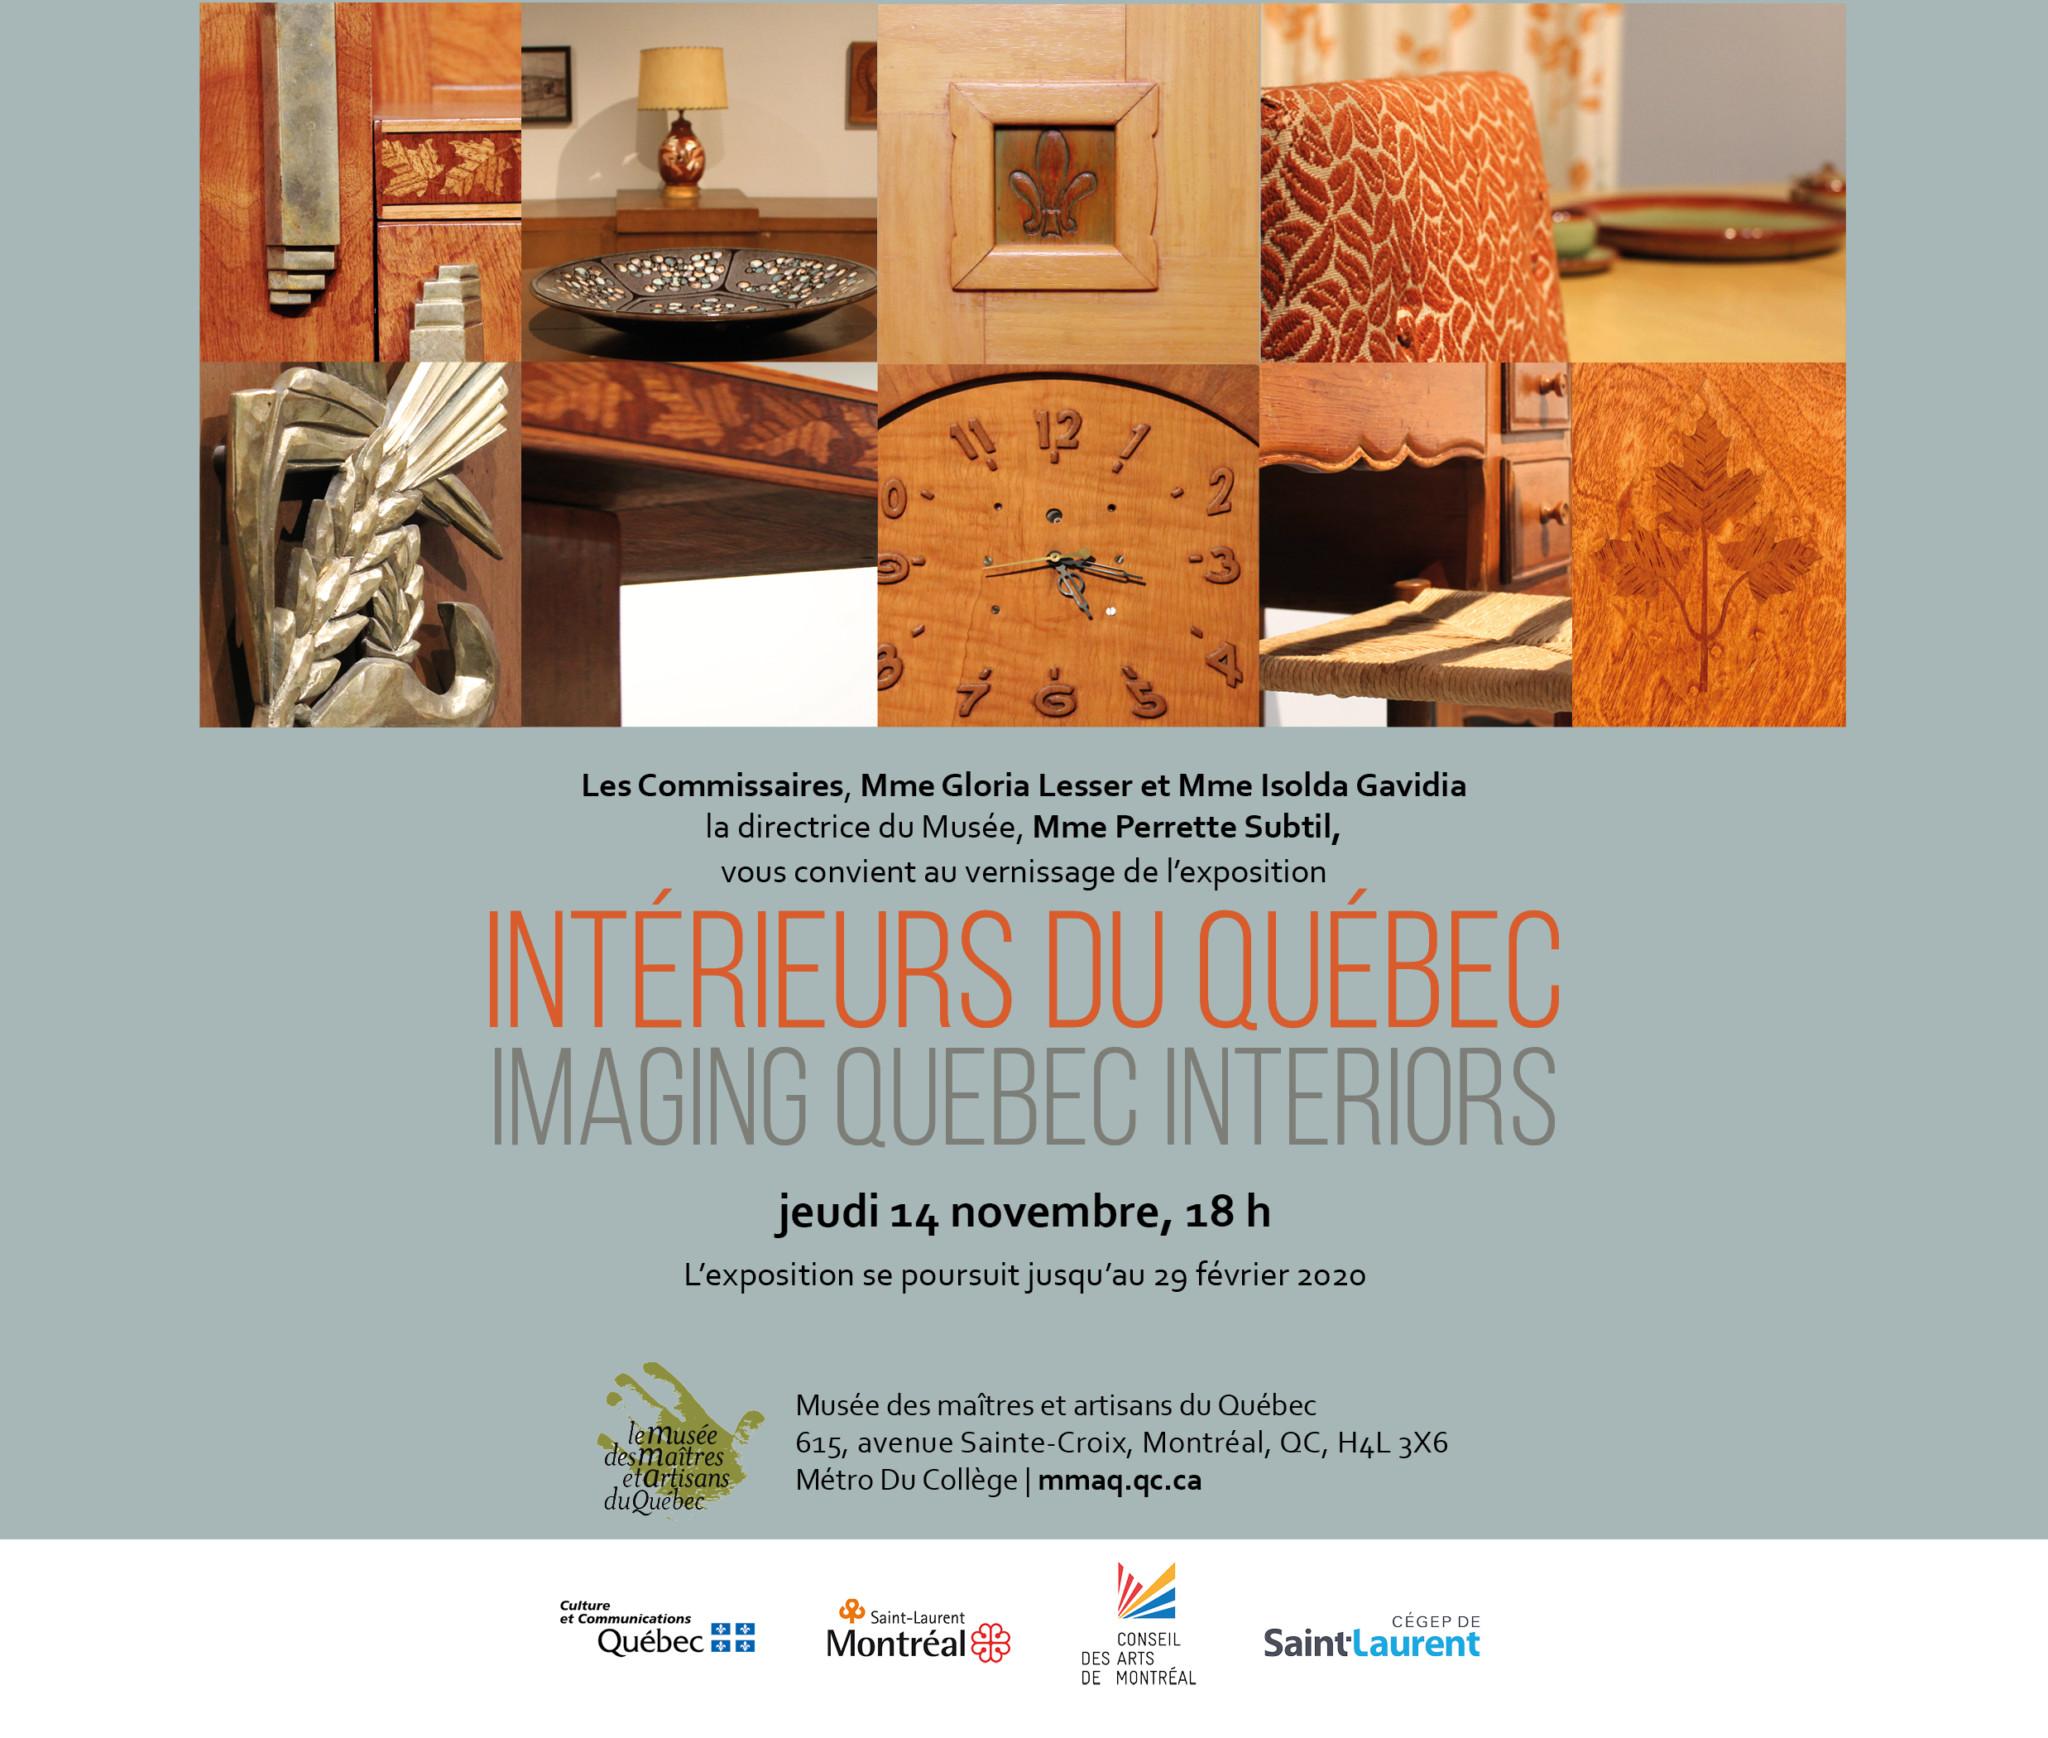 Intérieurs du Québec